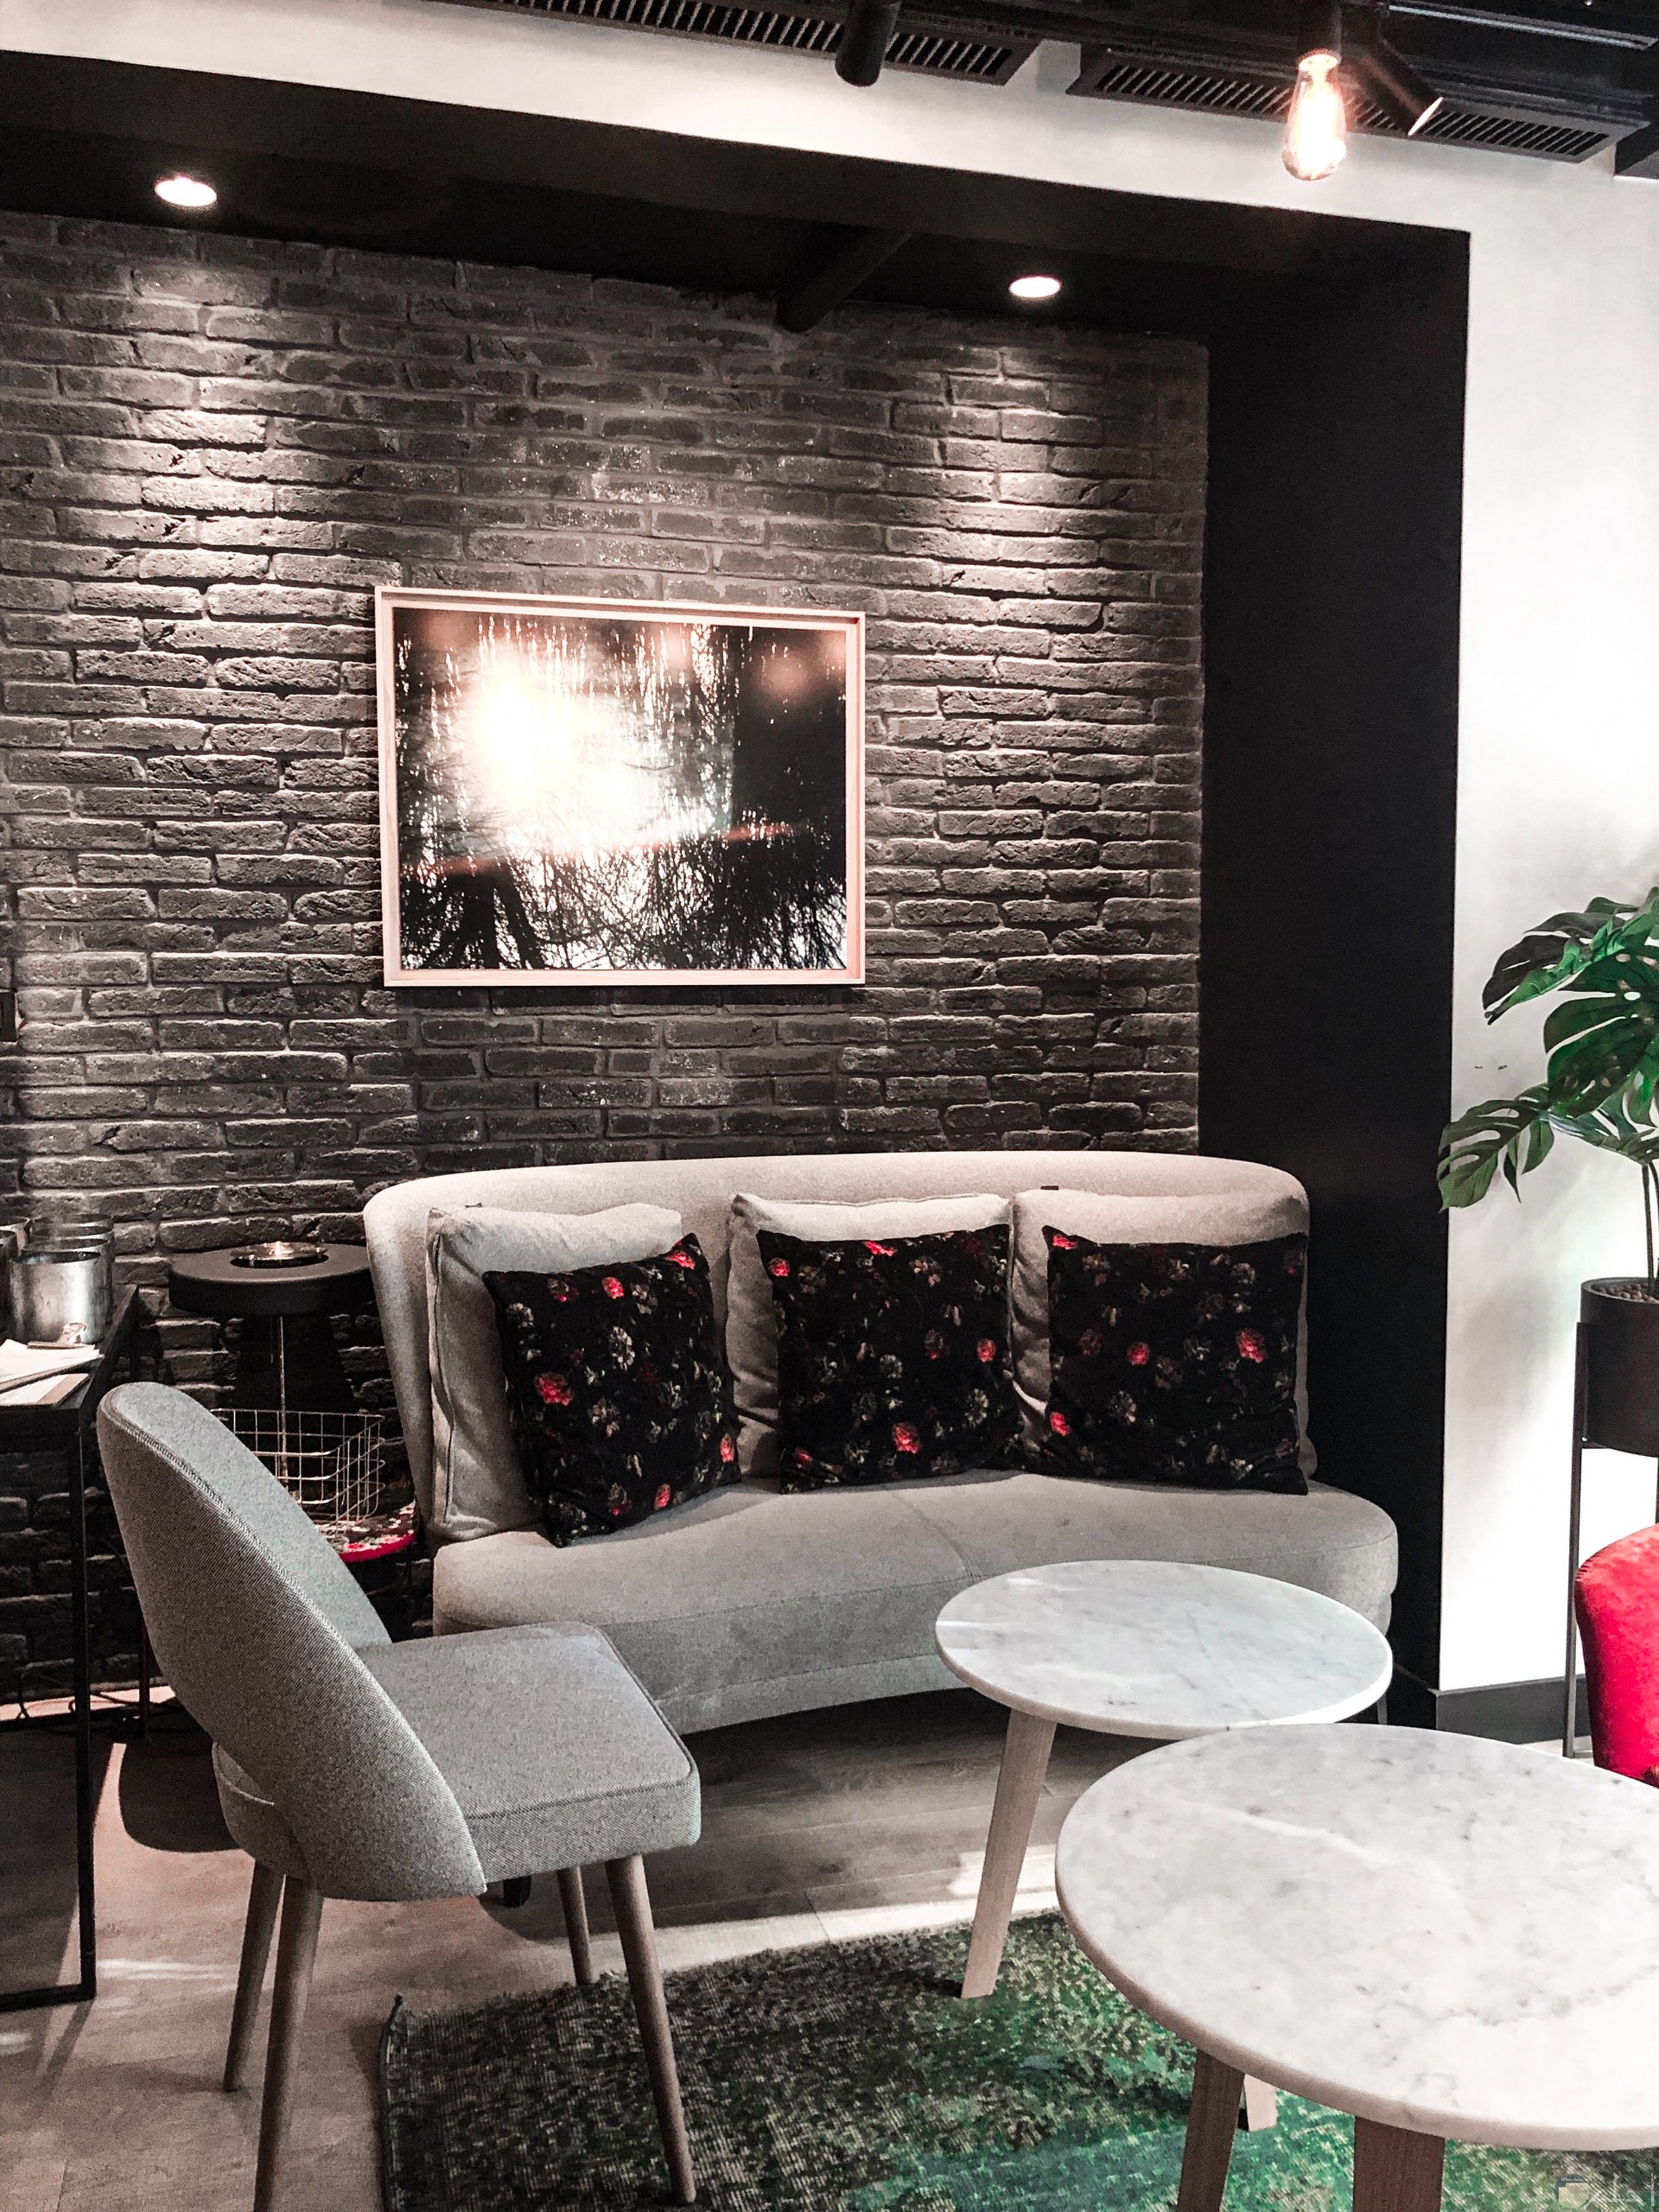 ديكور جميل ومميز باللونين الأسود والرصاصي مع تناسق قطع الأثاث معا من الكنب مع الجدار والطاولة ولوحة الحائط